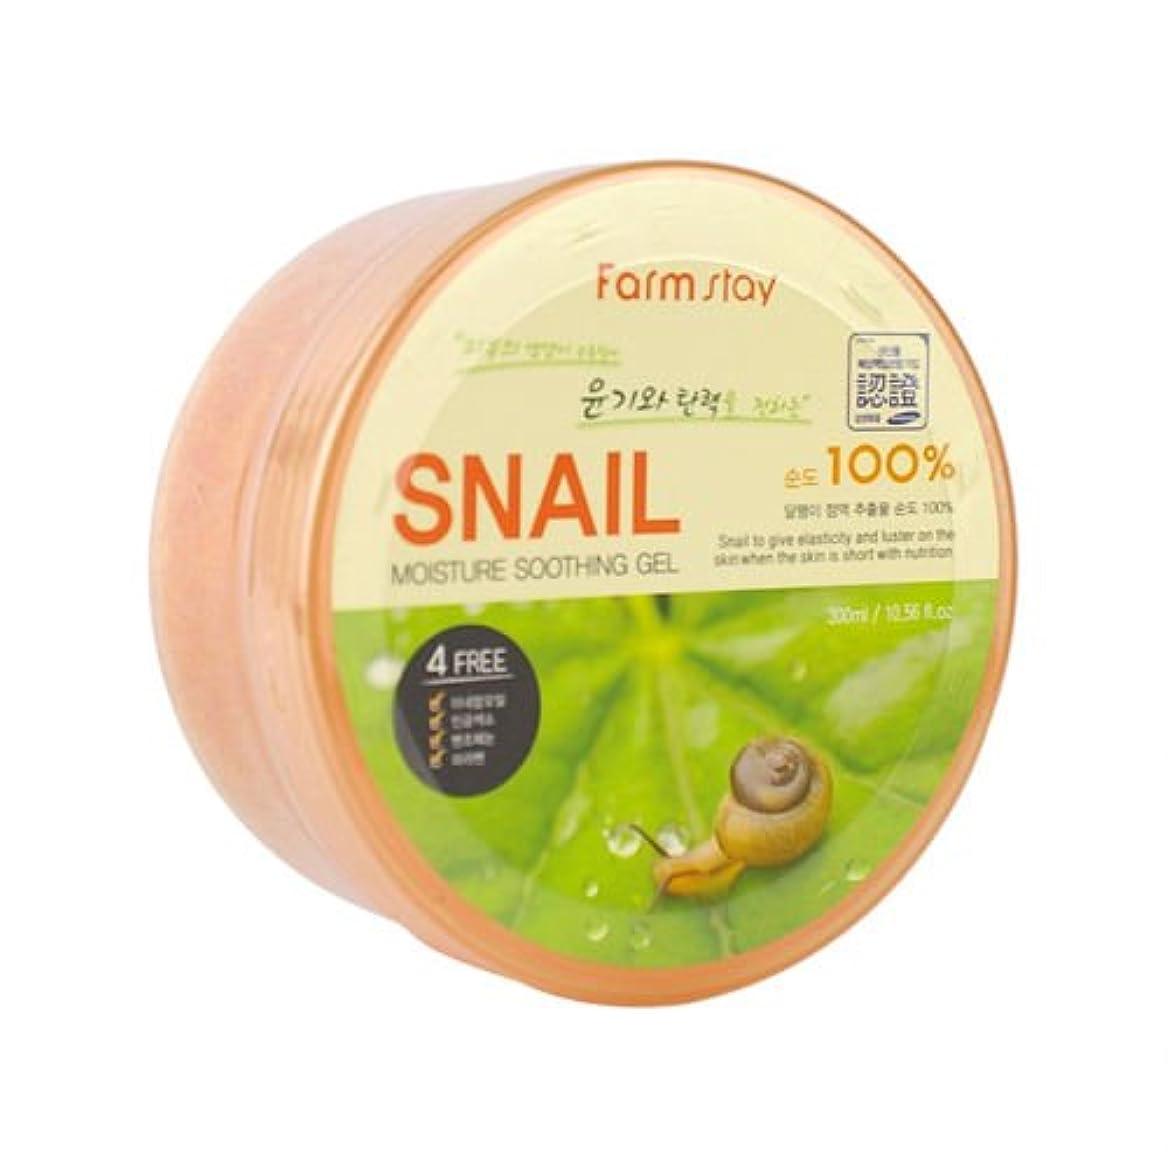 ジャベスウィルソン国民お勧めFarm Stay Snail Moisture Soothing Gel 300ml /Snail extract 100%/Skin Glowing & Elasticity Up [並行輸入品]